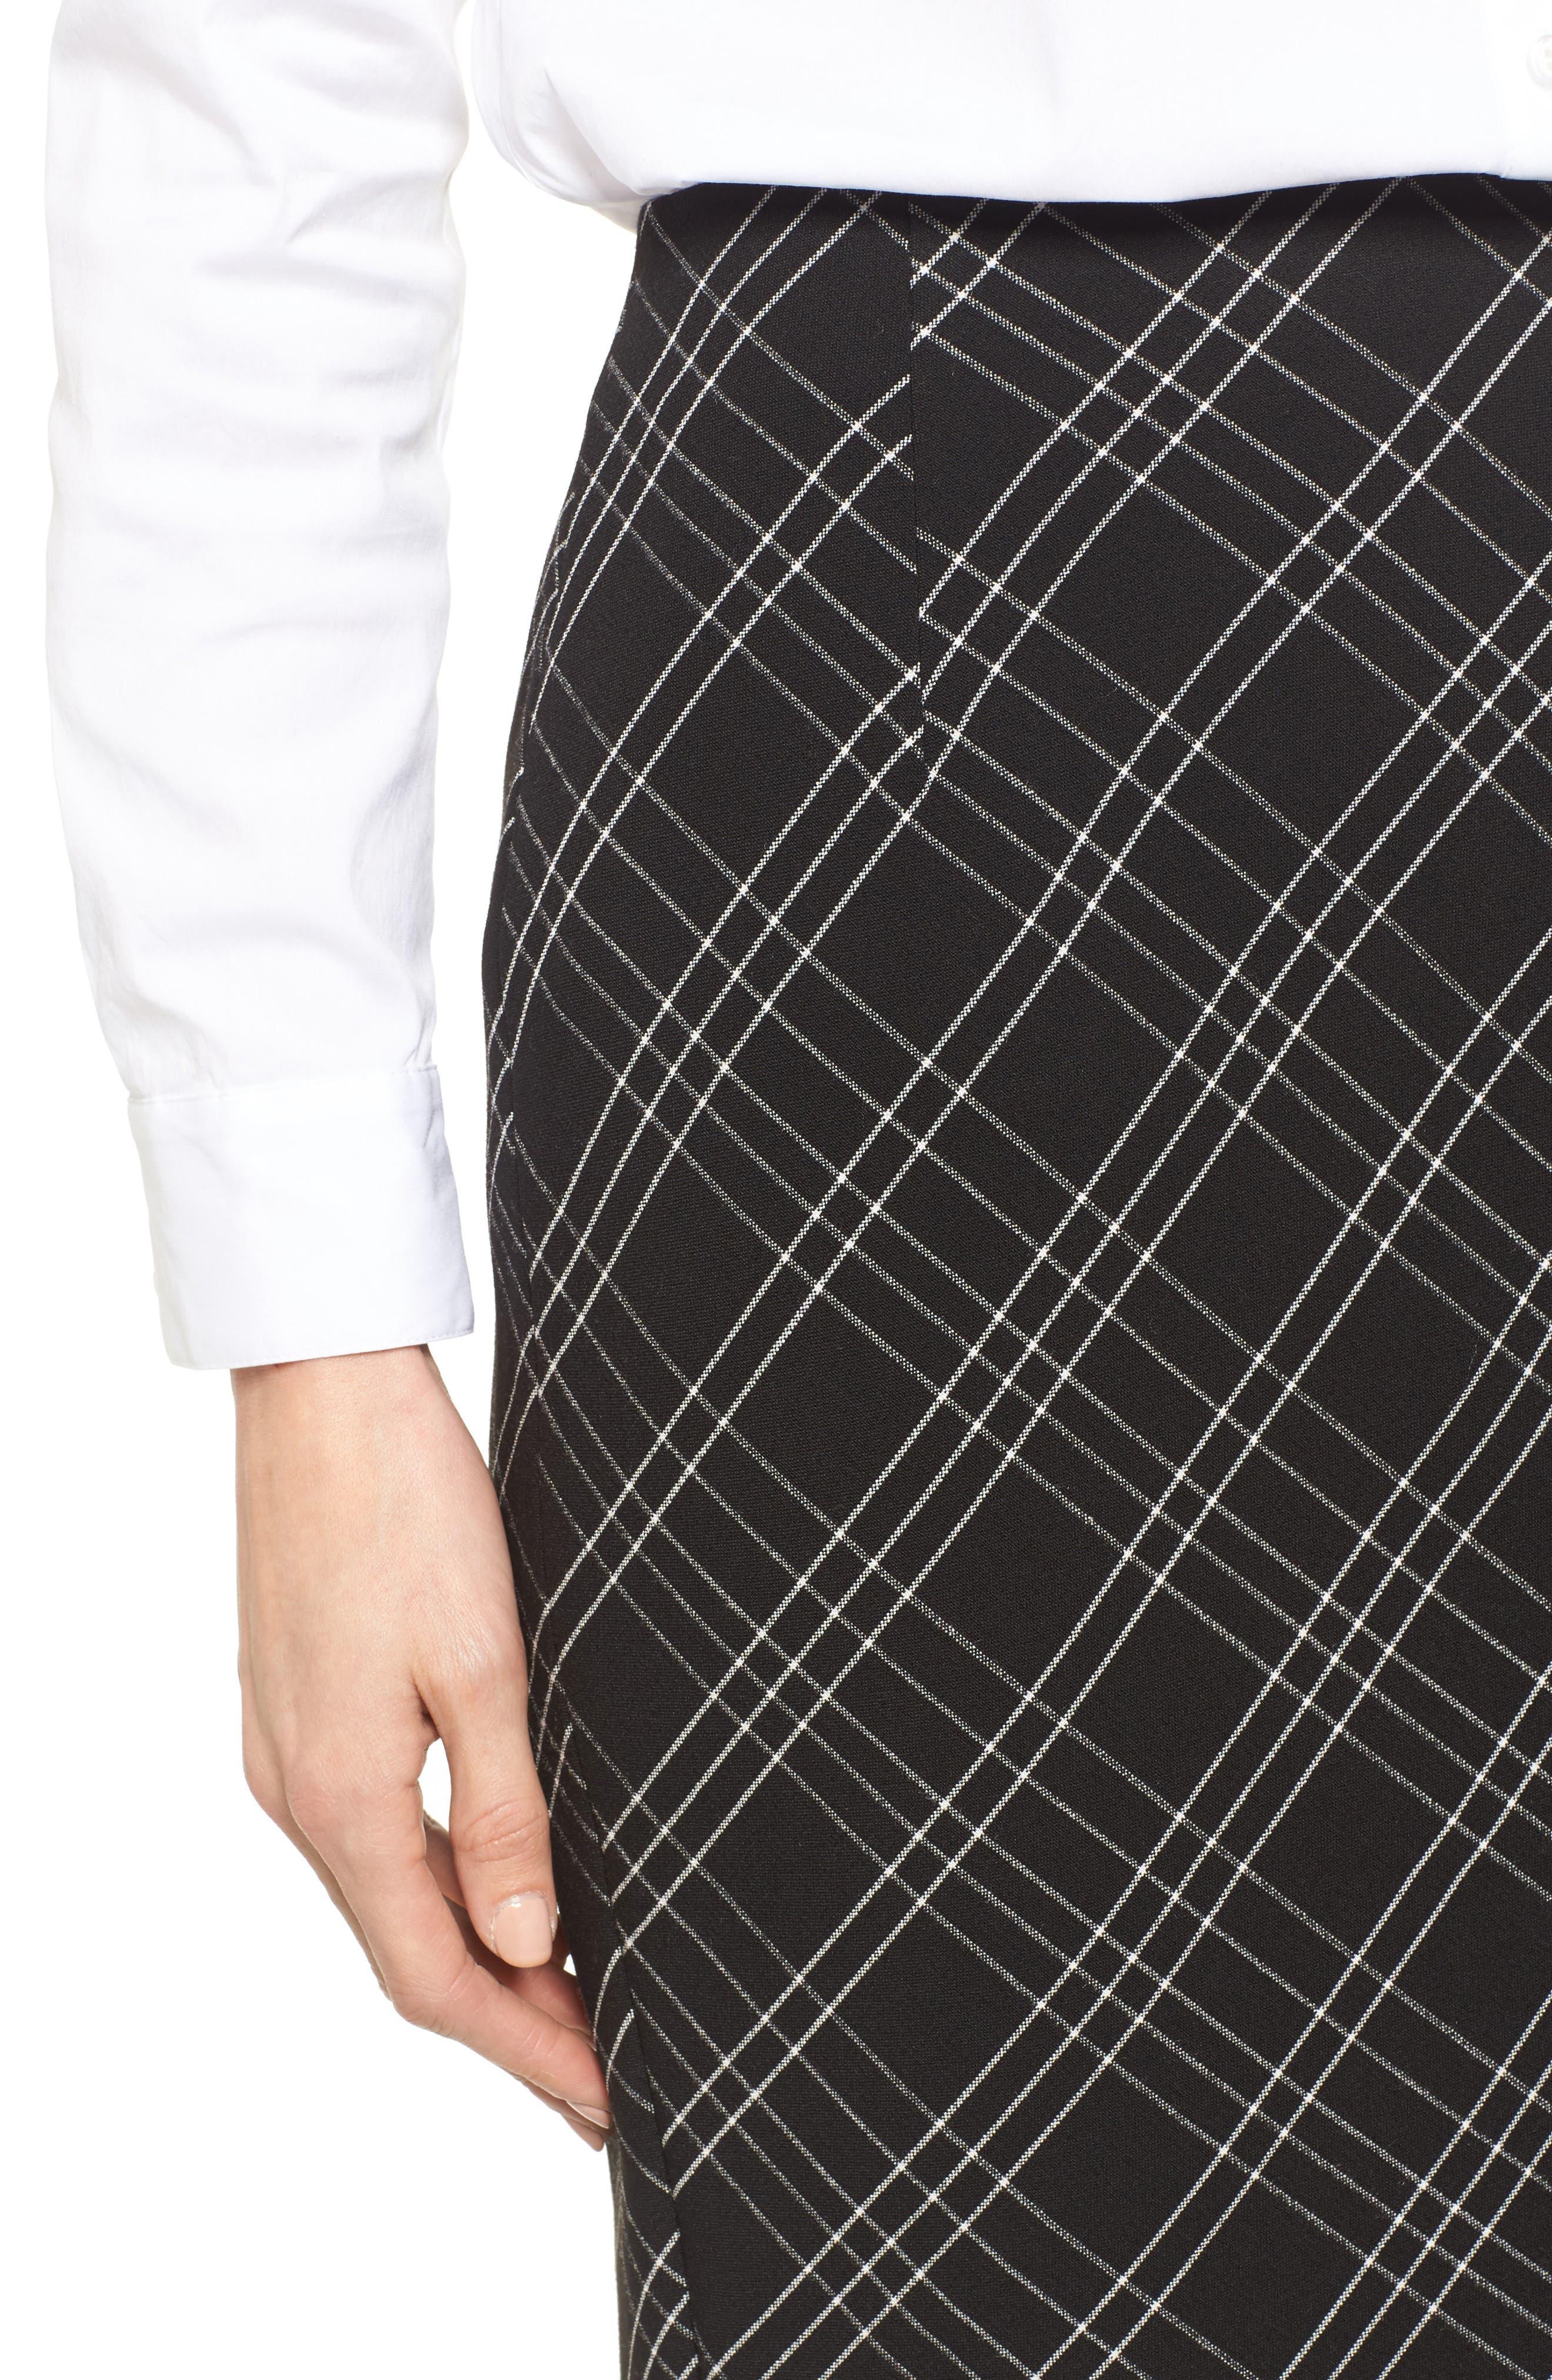 Plaid Pencil Skirt,                             Alternate thumbnail 4, color,                             Black- White Plaid